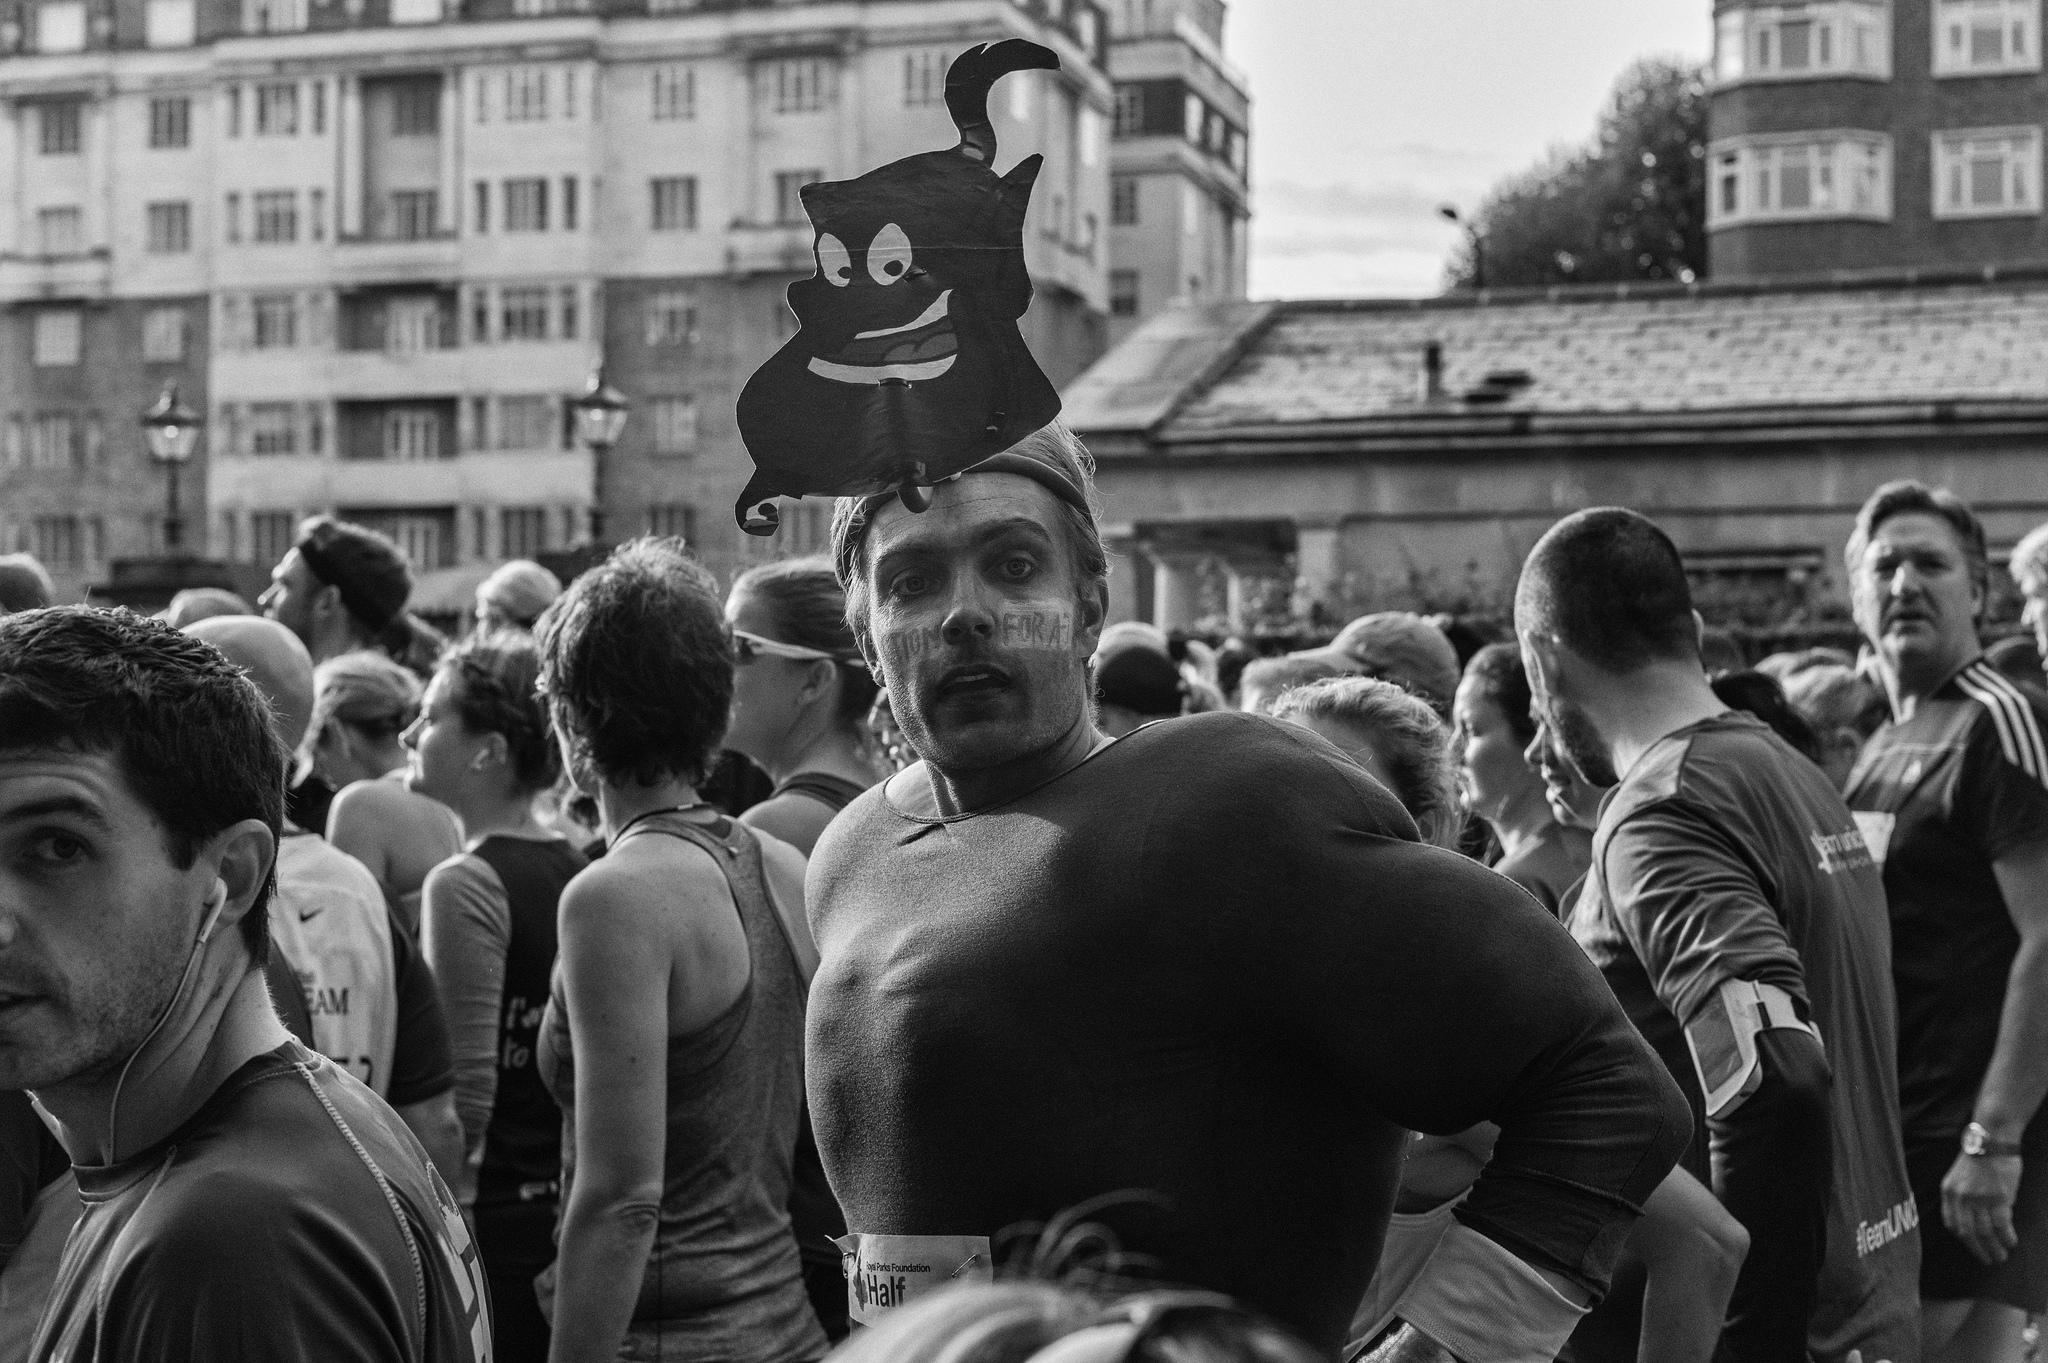 A man in a marathon costume.